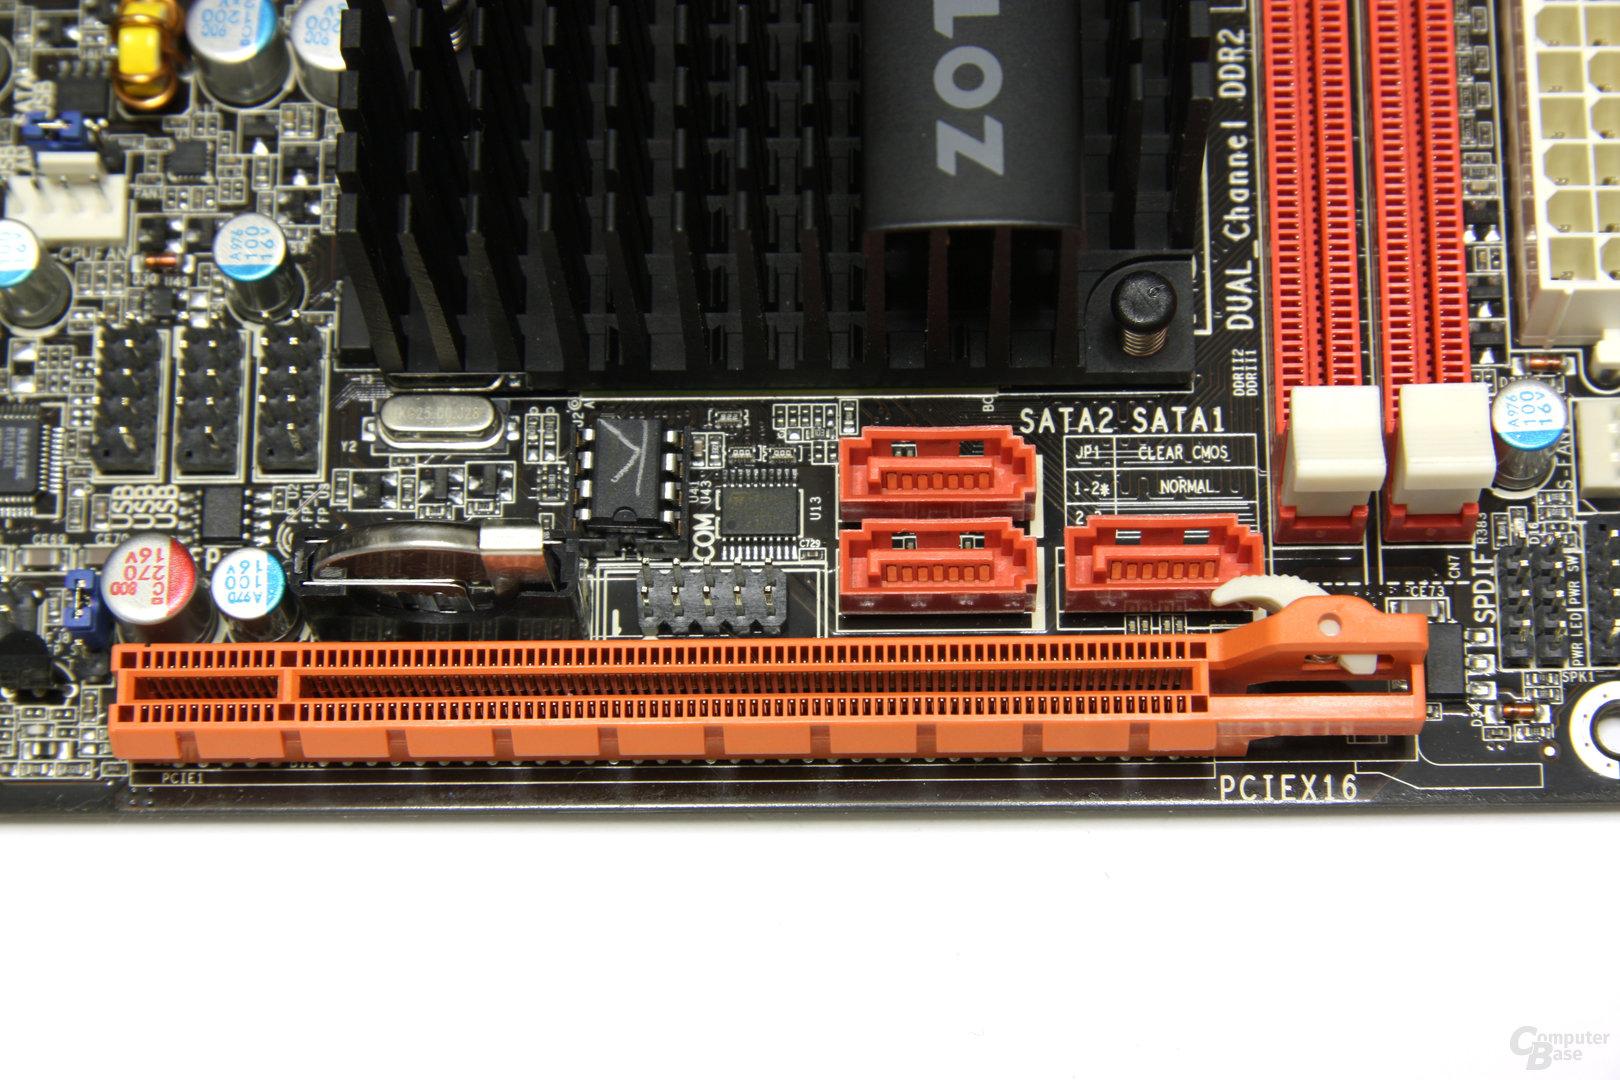 Zotac GeForce 9300 - PCIe-Slots